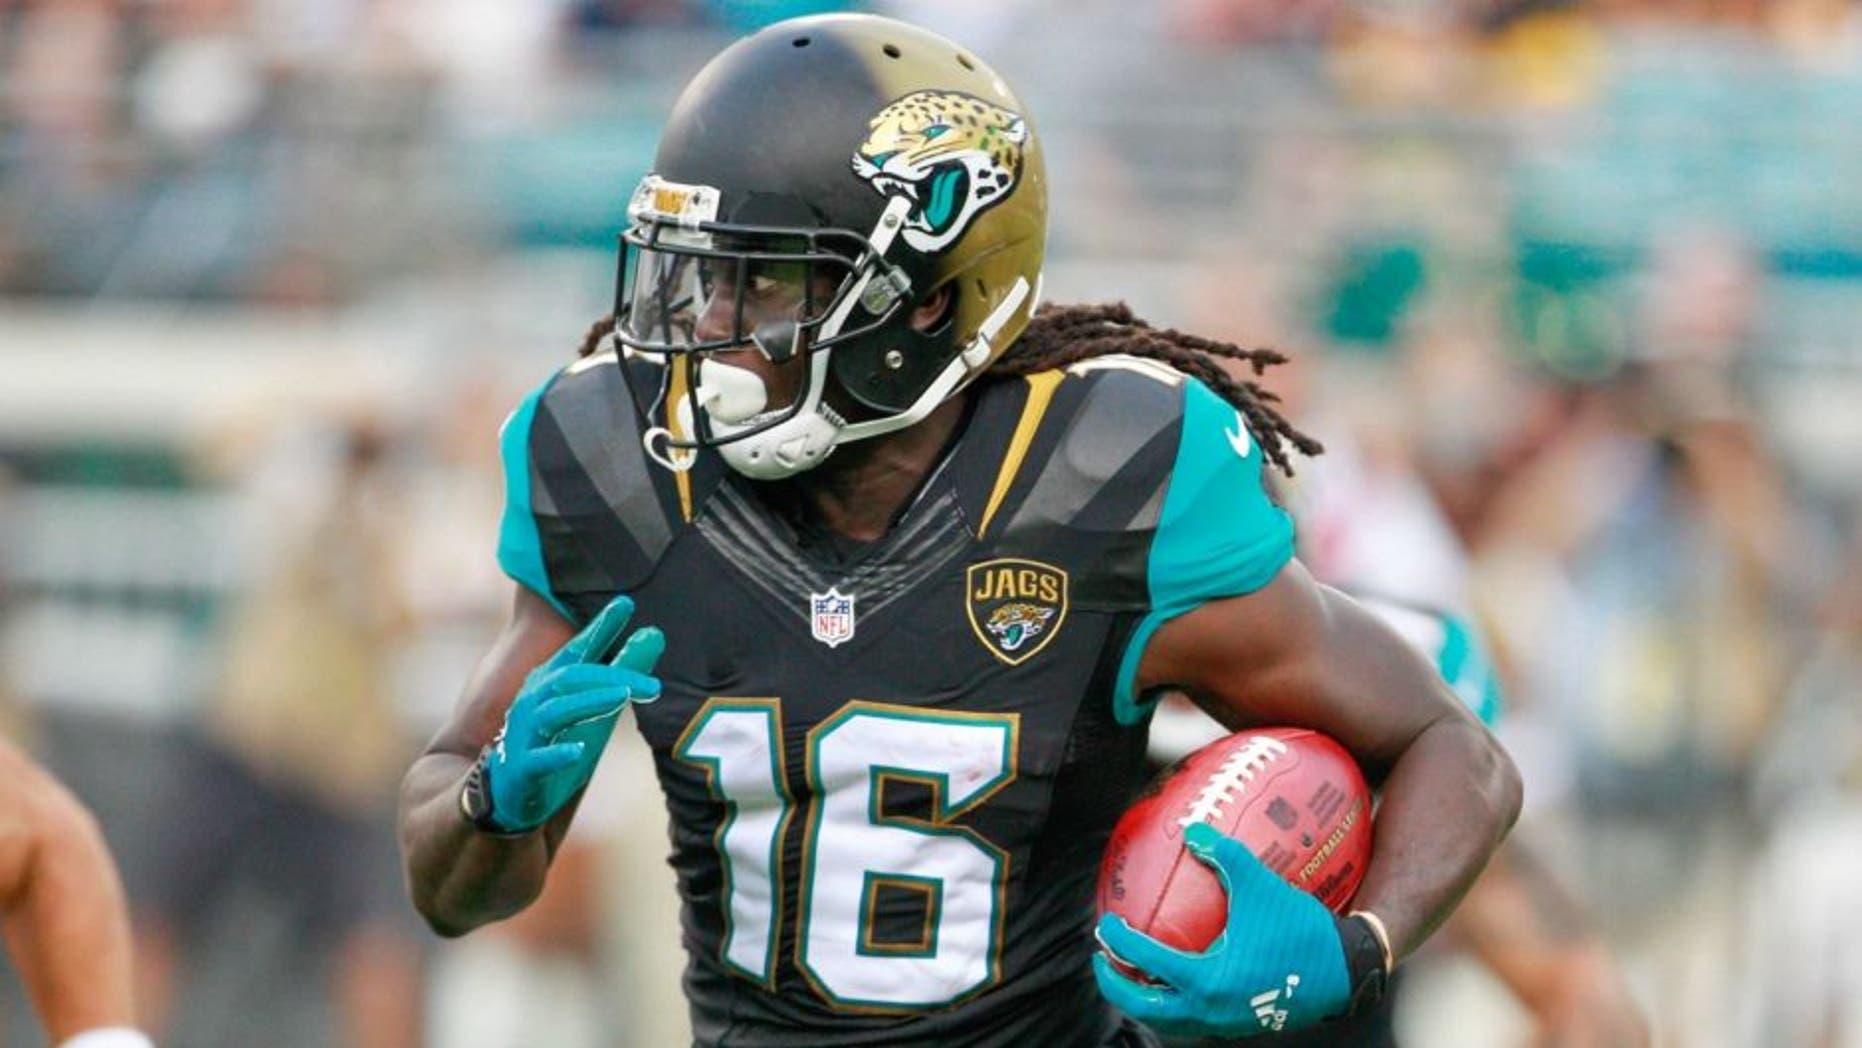 Jaguars running back Denard Robinson last August.